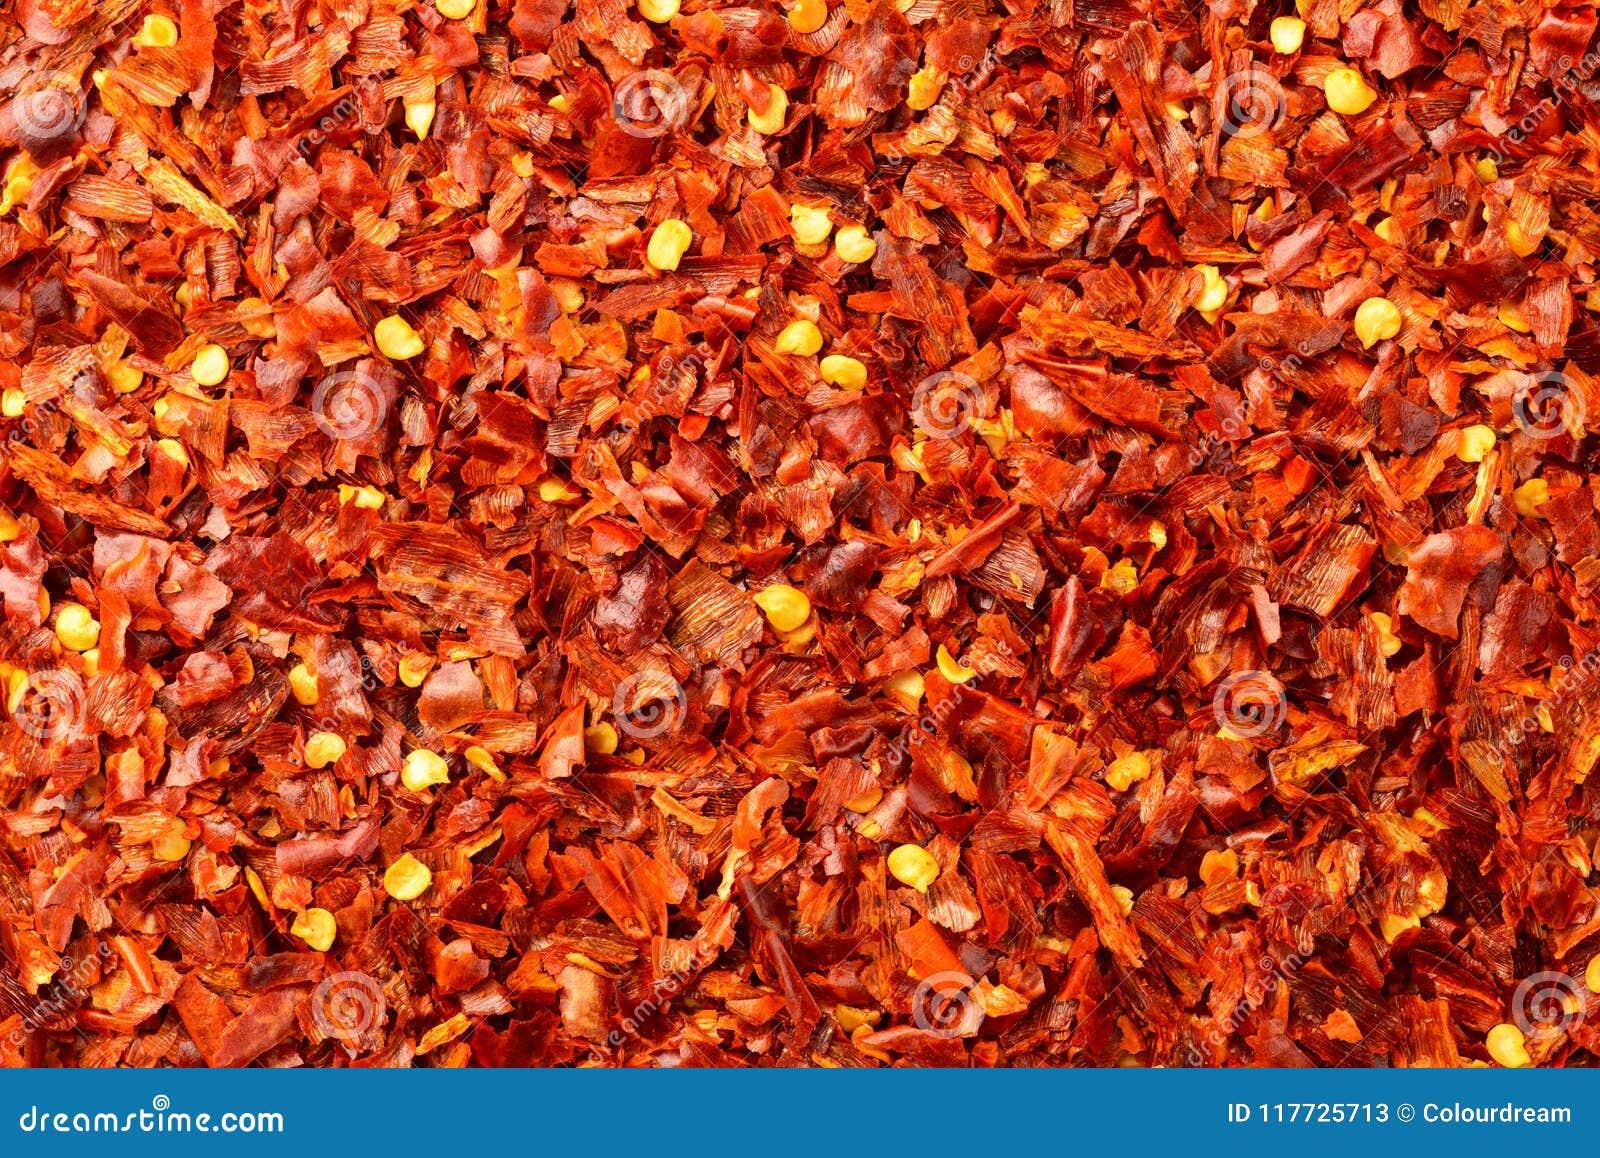 Lebensmittelhintergrund von getrockneten Flocken des roten Pfeffers, Draufsicht